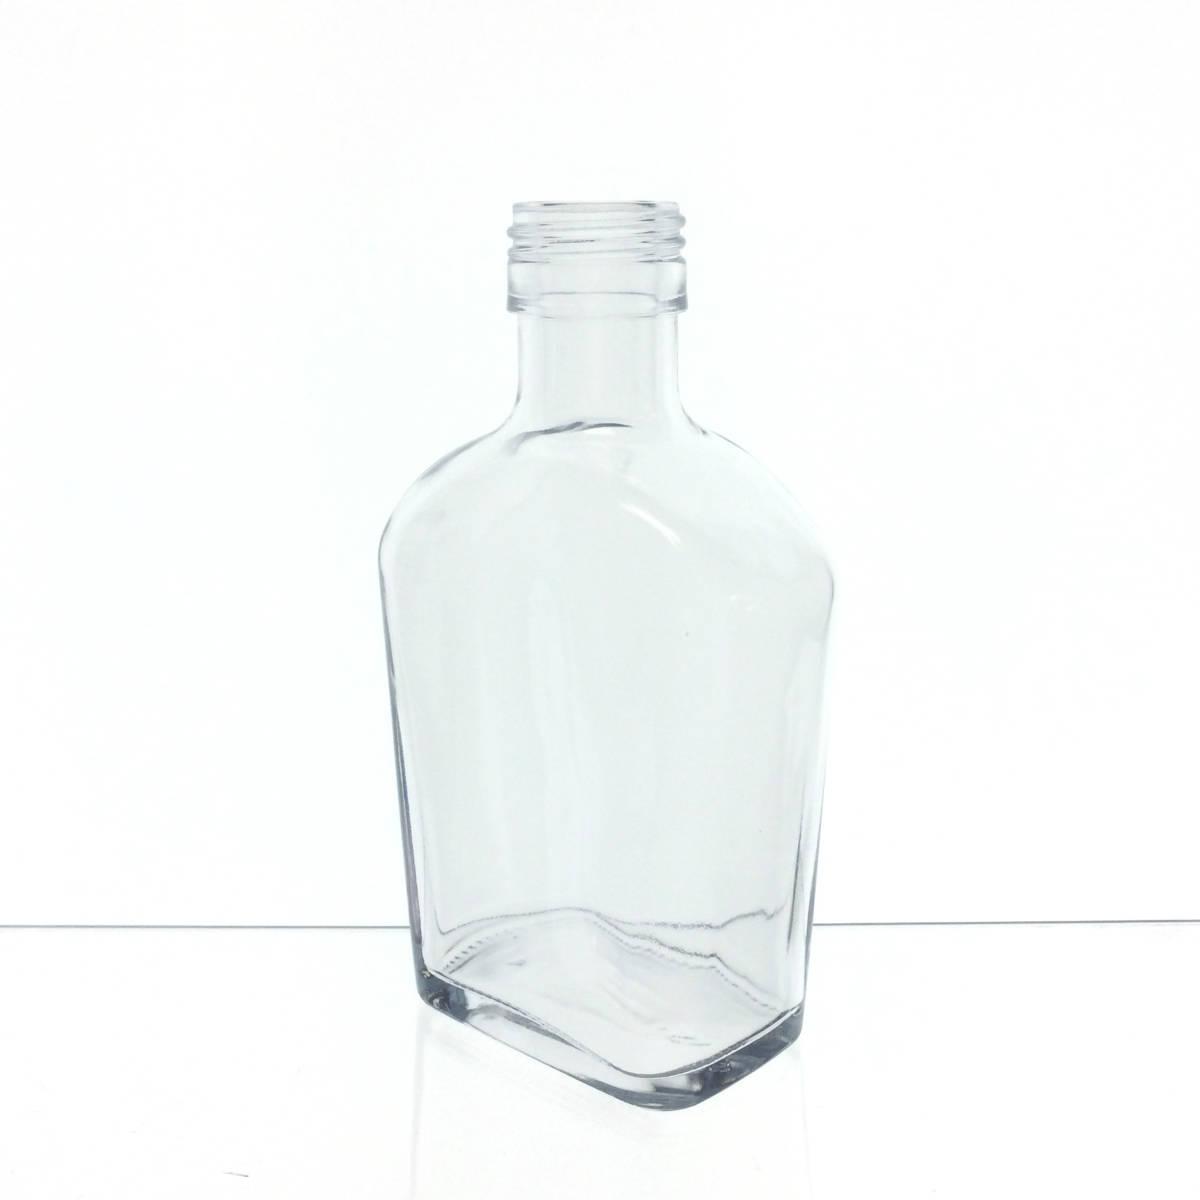 ハーバリウム瓶 ウィスキー200ml 3本 ♪♪_画像2